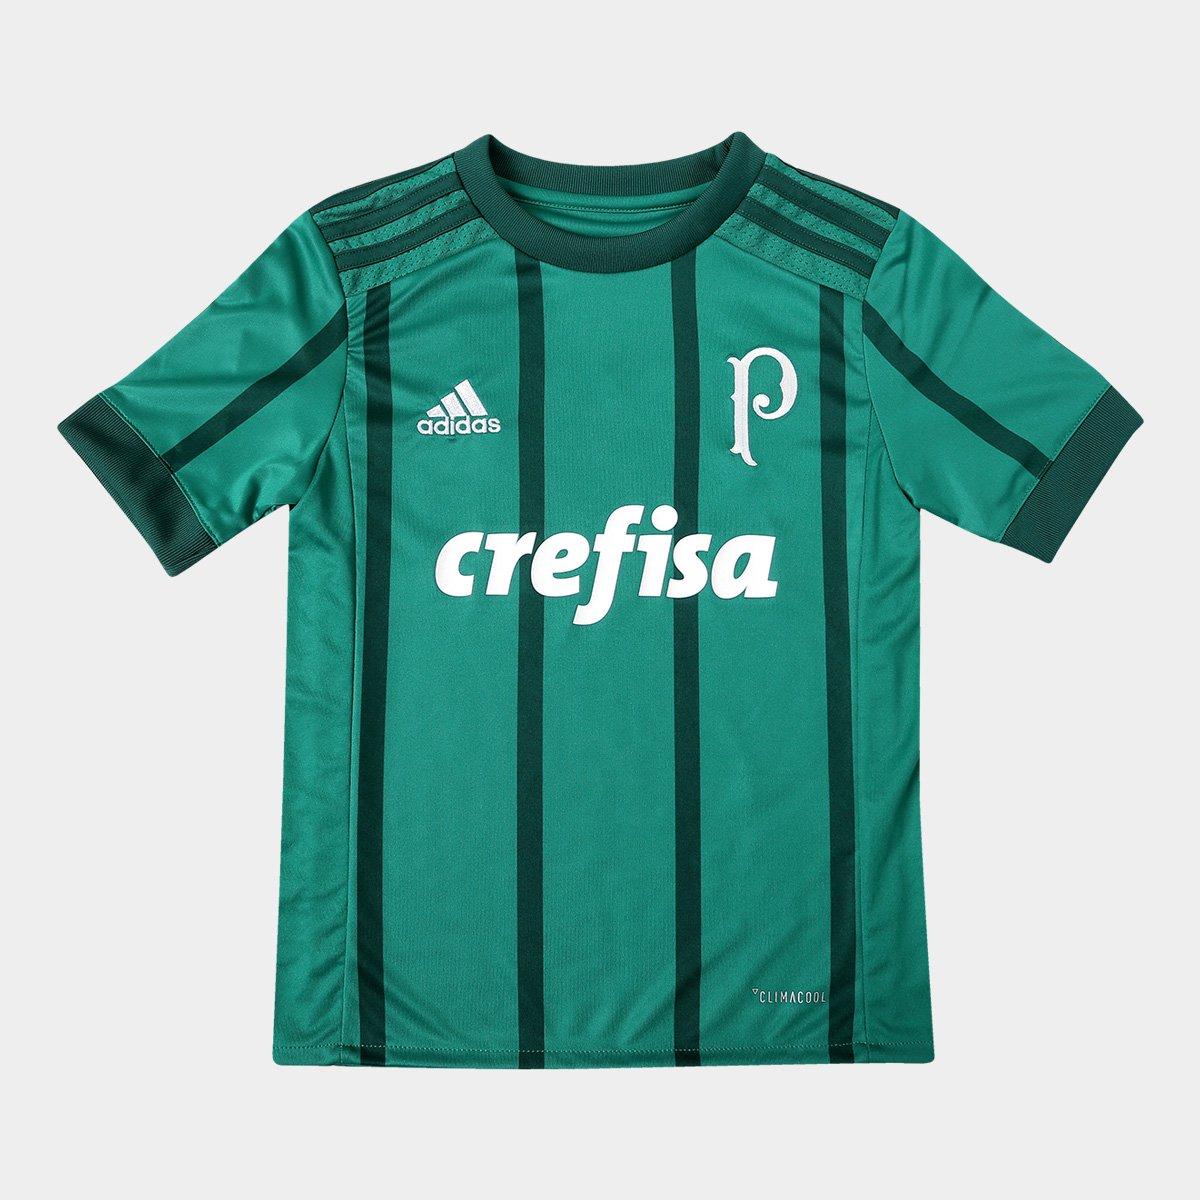 c18f13408259f Camisa Palmeiras Infantil I 17 18 s nº Torcedor Adidas - Verde - Compre  Agora